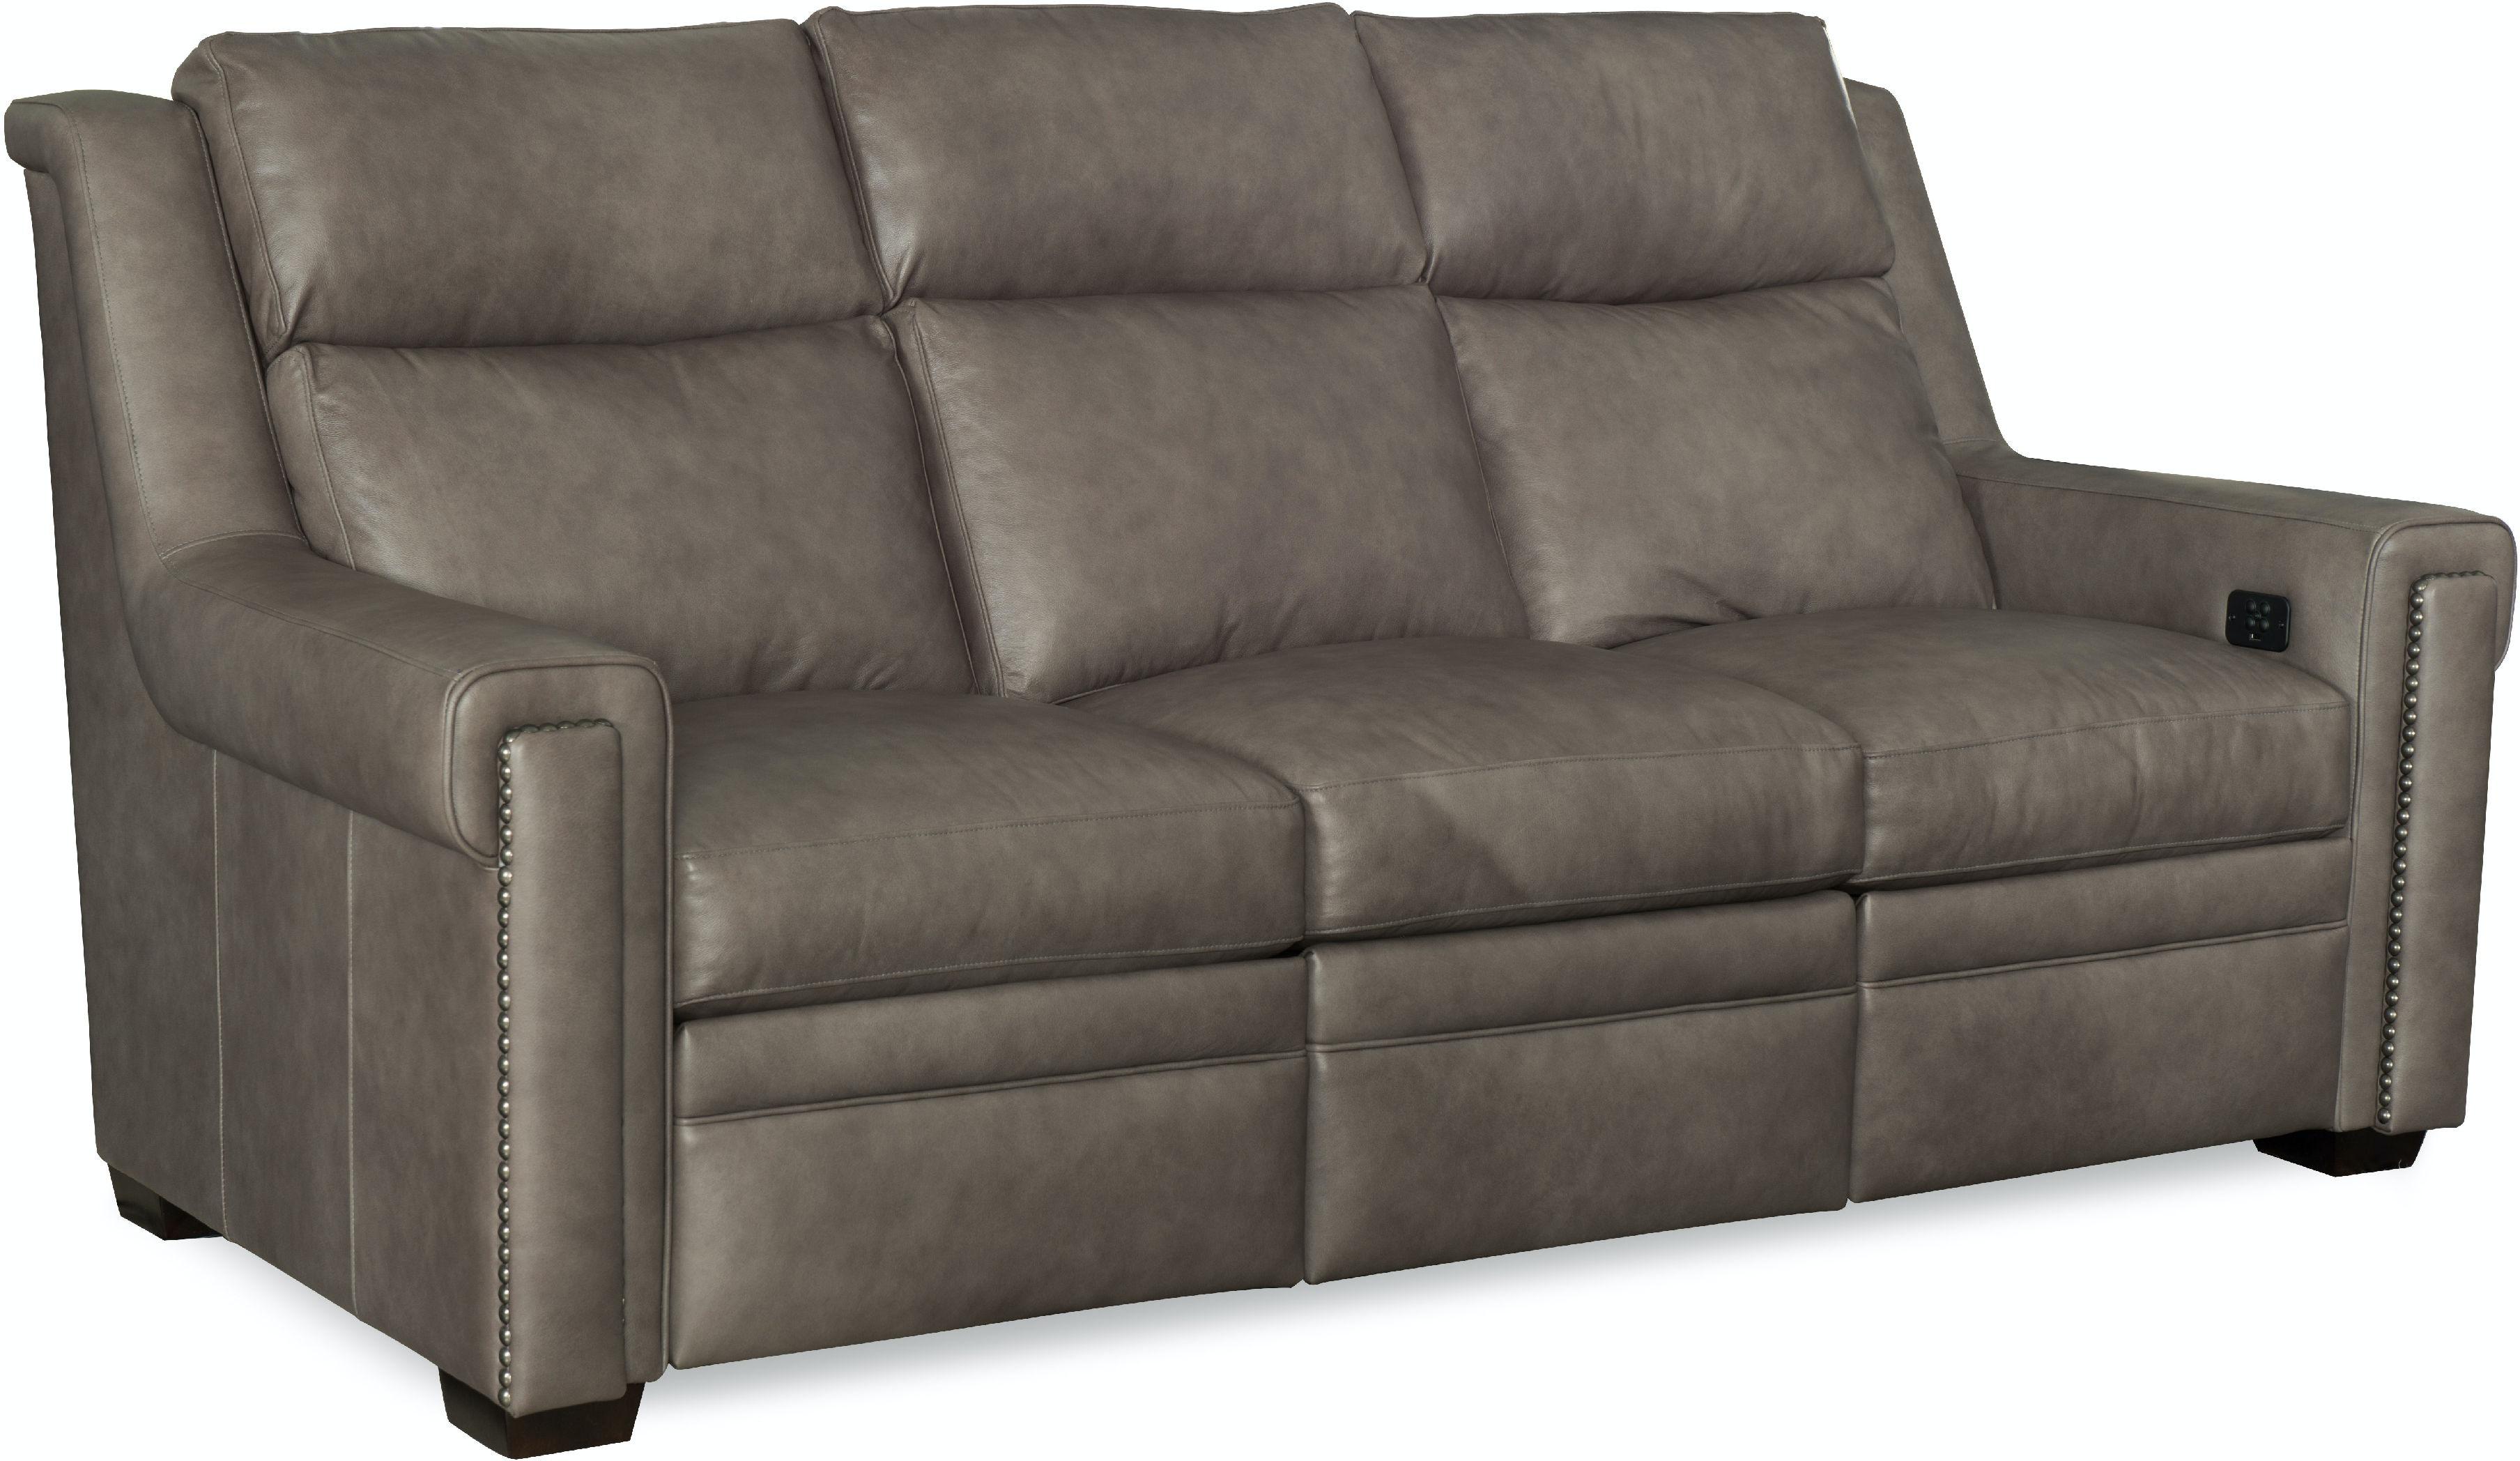 Bradington Young Living Room Imagine Sofa L R Recline W